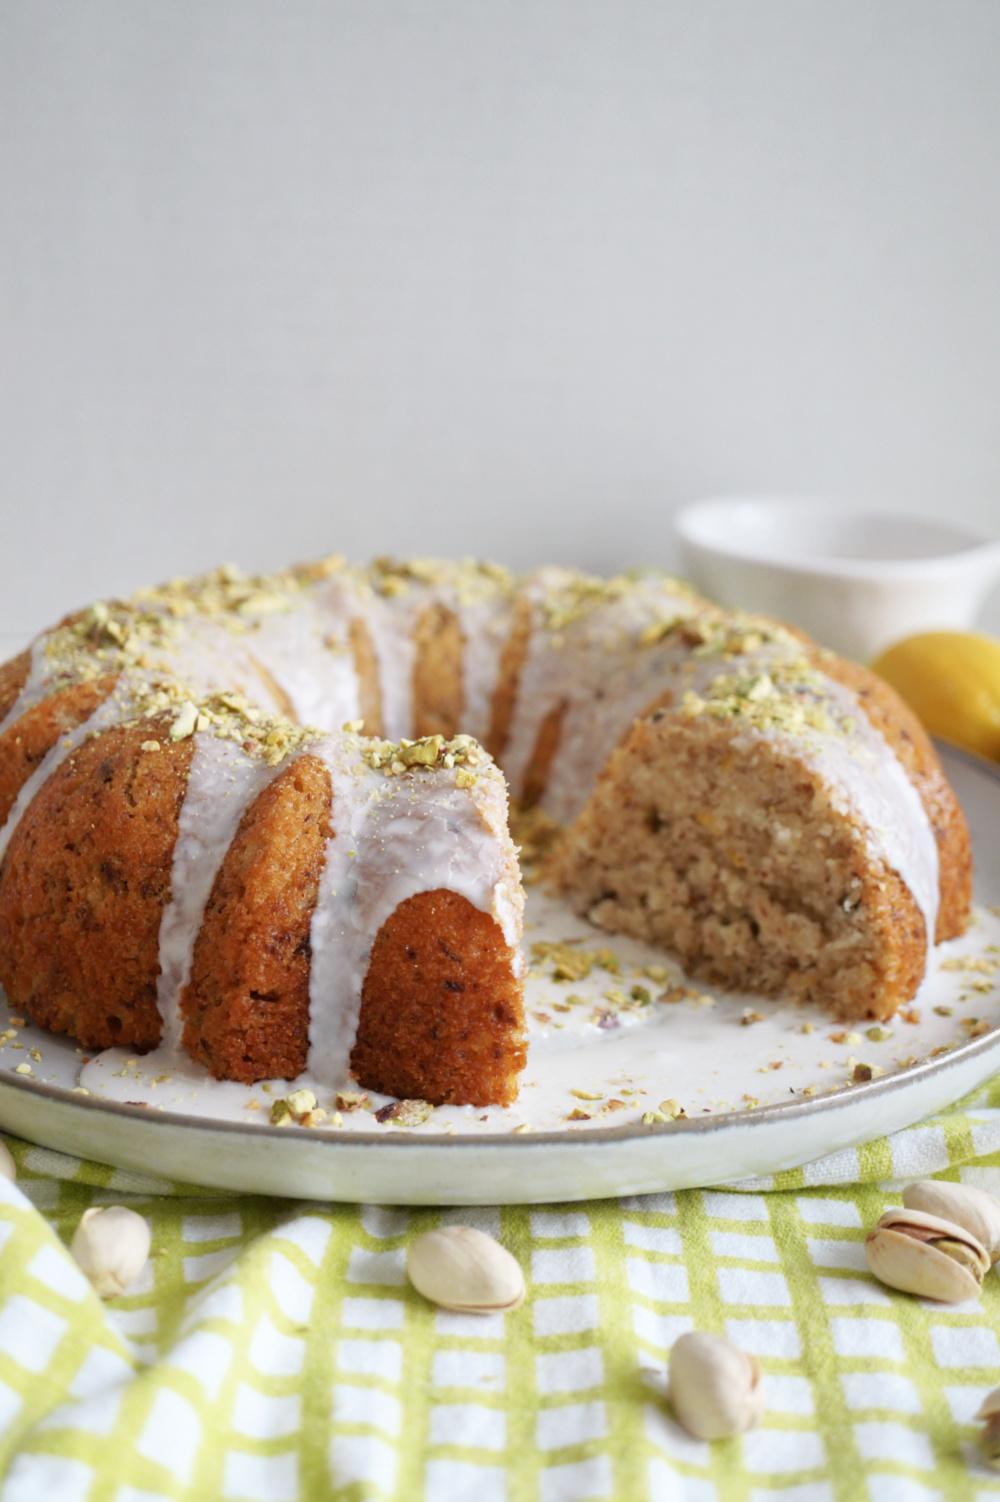 lemon pistachio cake with slice cut out